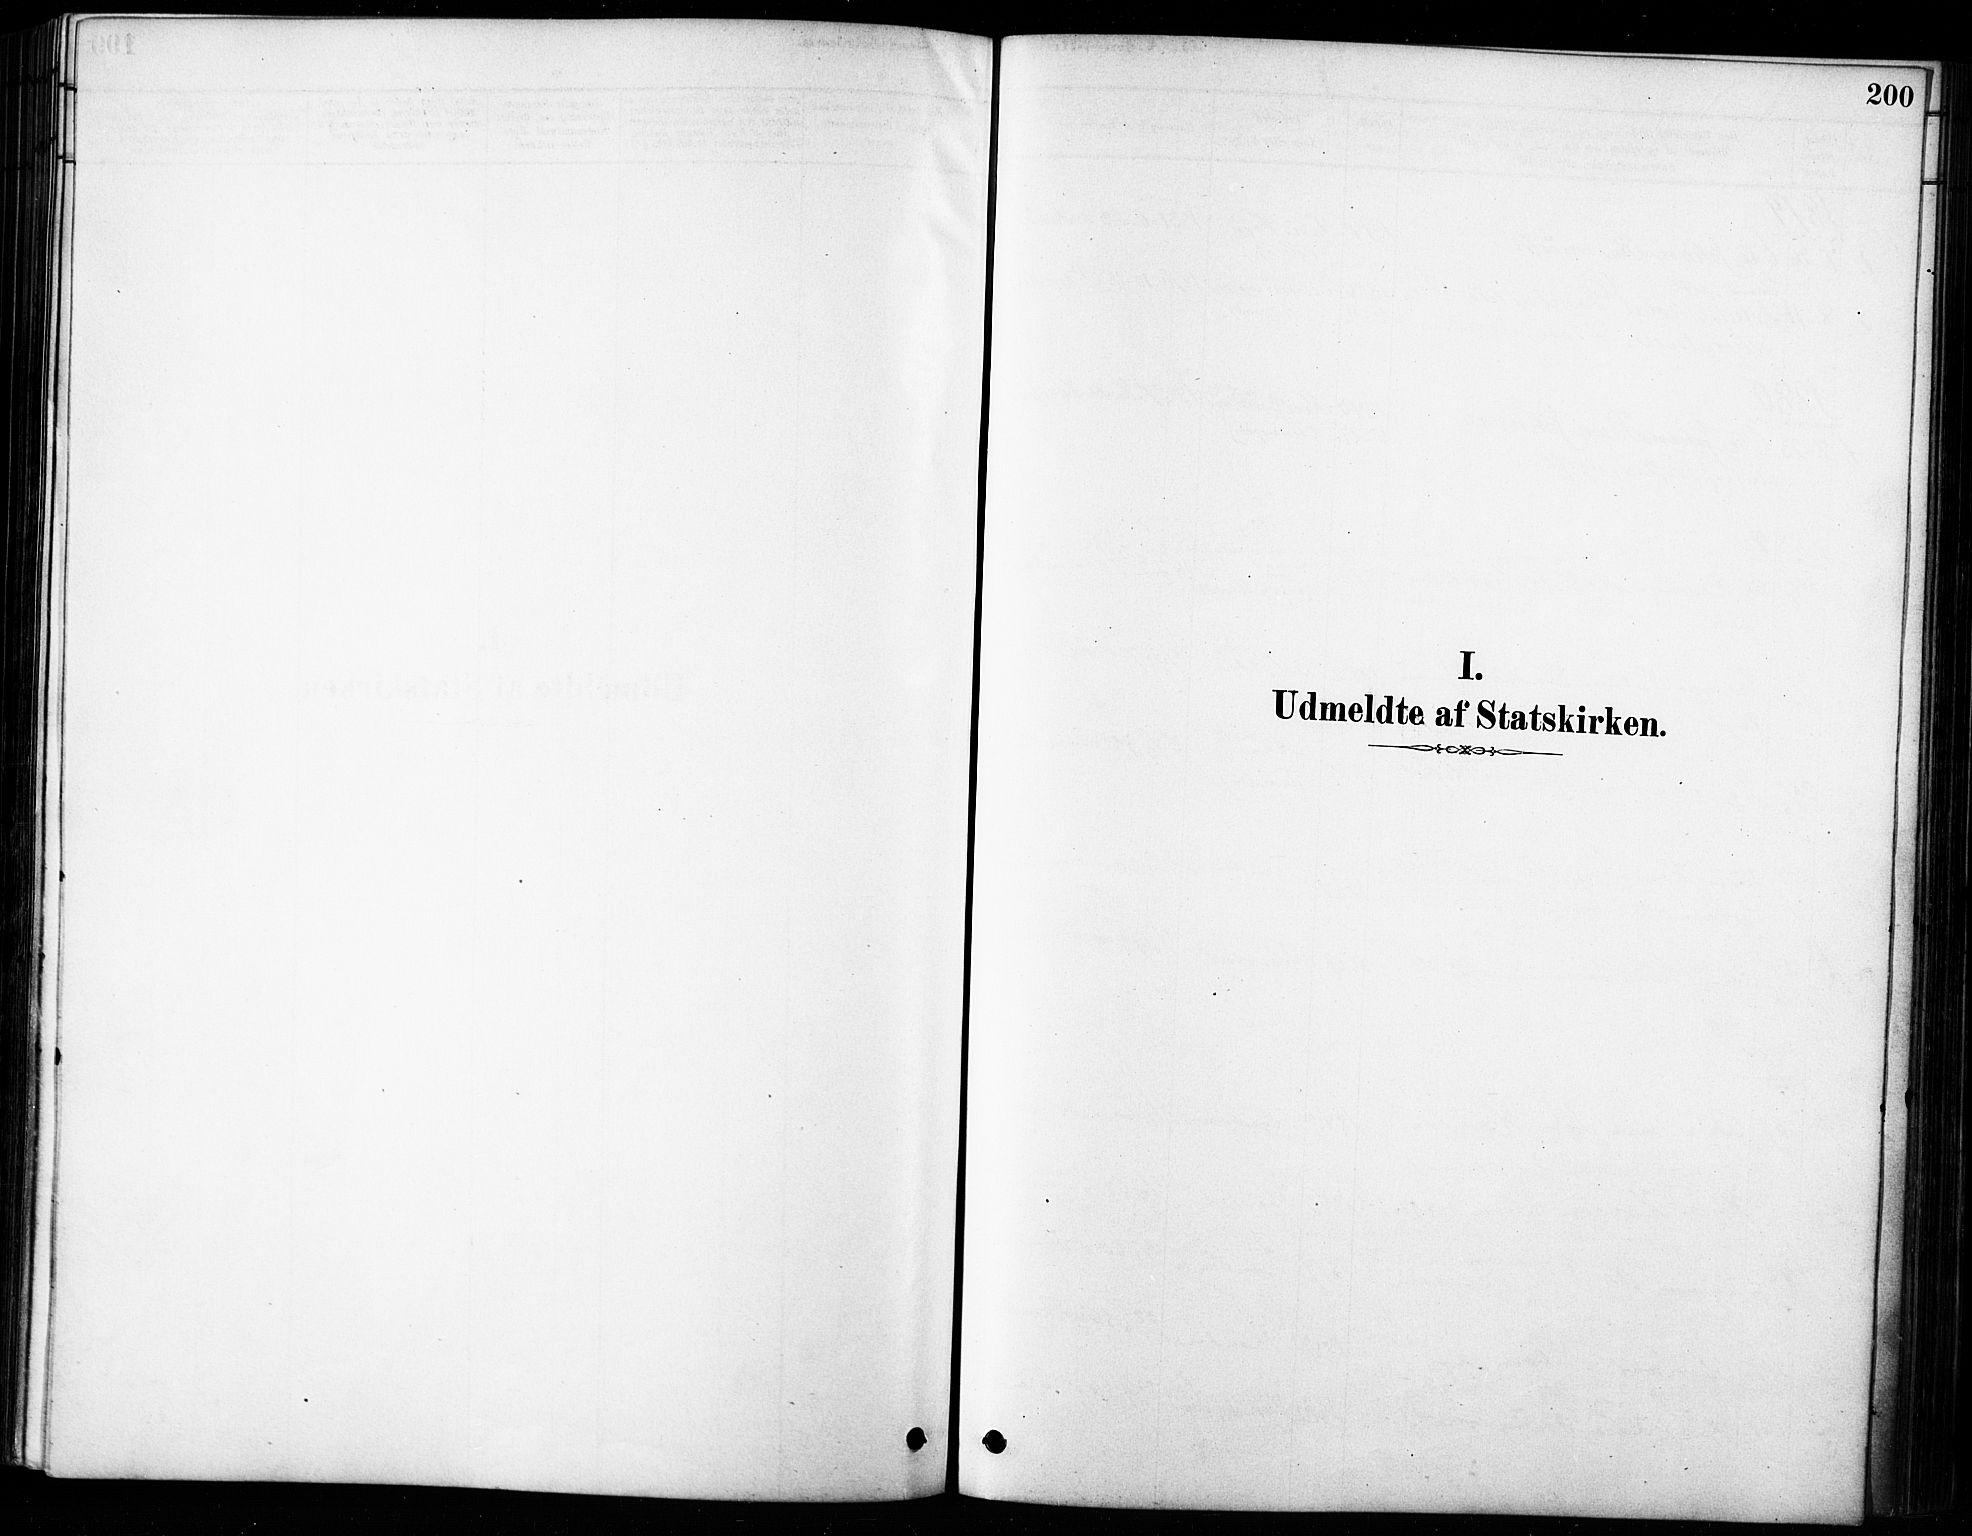 SATØ, Trondenes sokneprestkontor, H/Ha/L0015kirke: Ministerialbok nr. 15, 1878-1889, s. 200